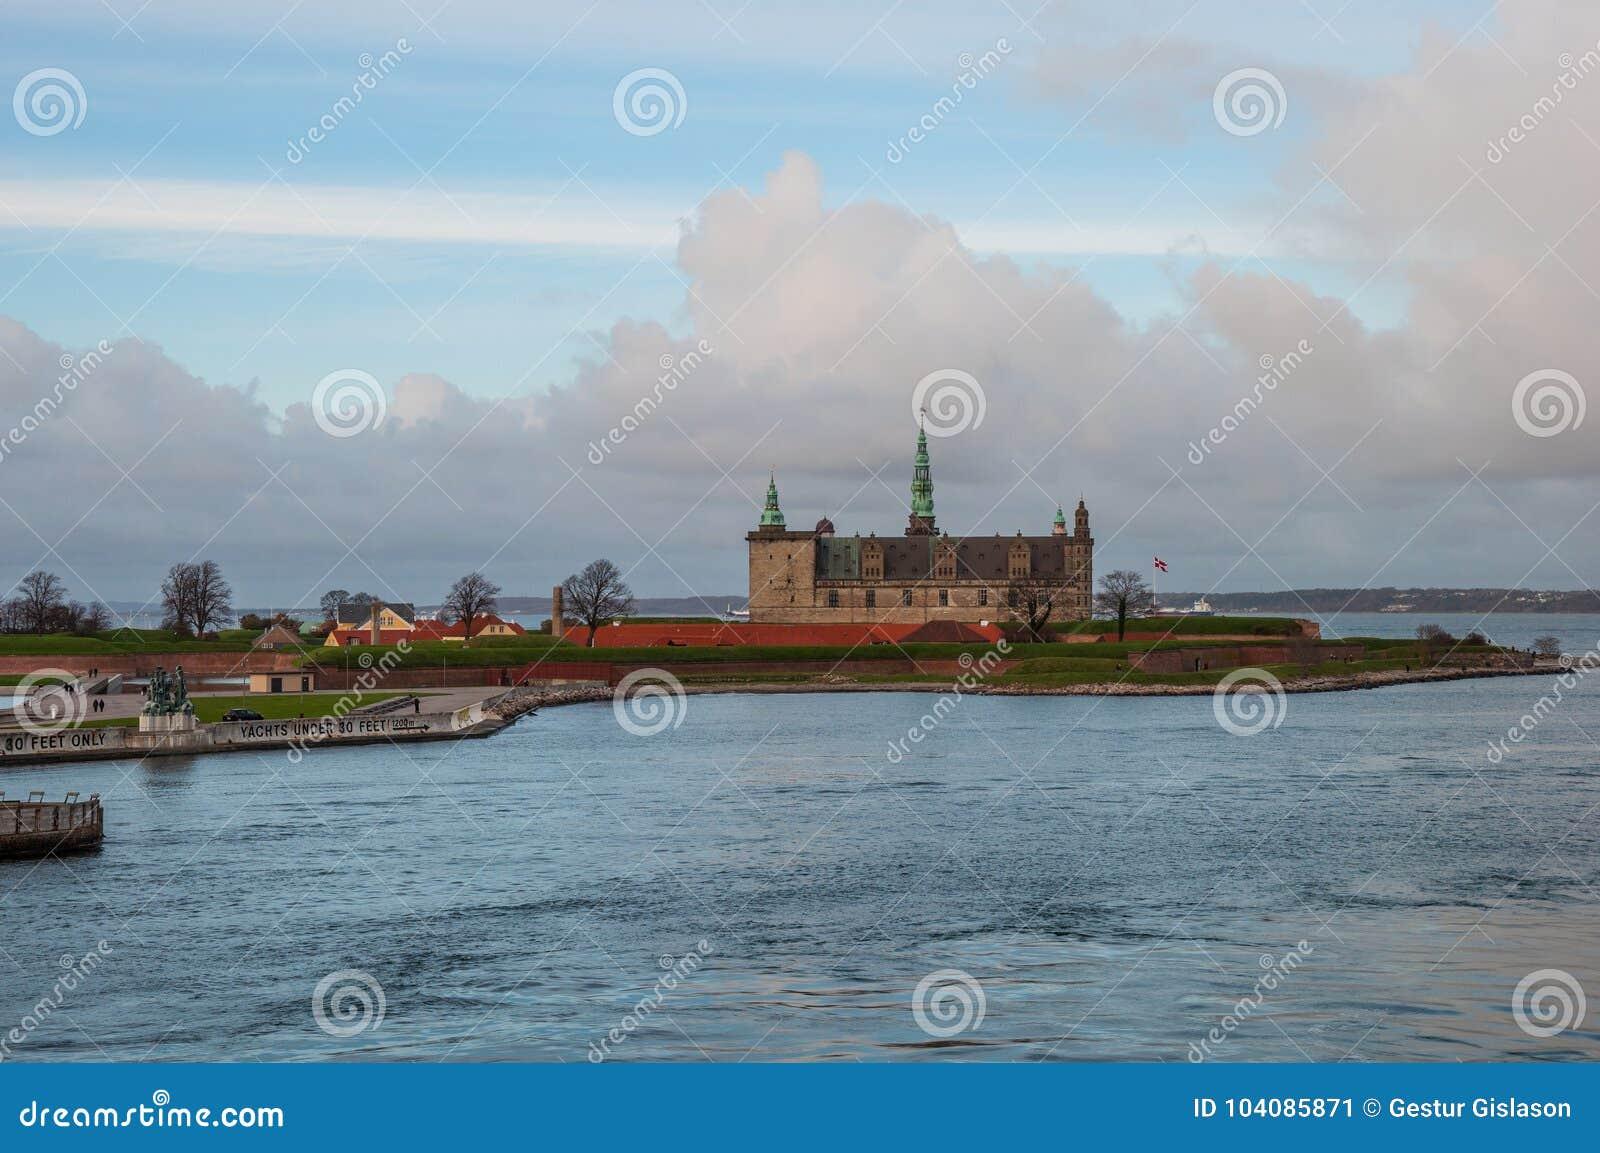 克伦堡城堡在丹麦